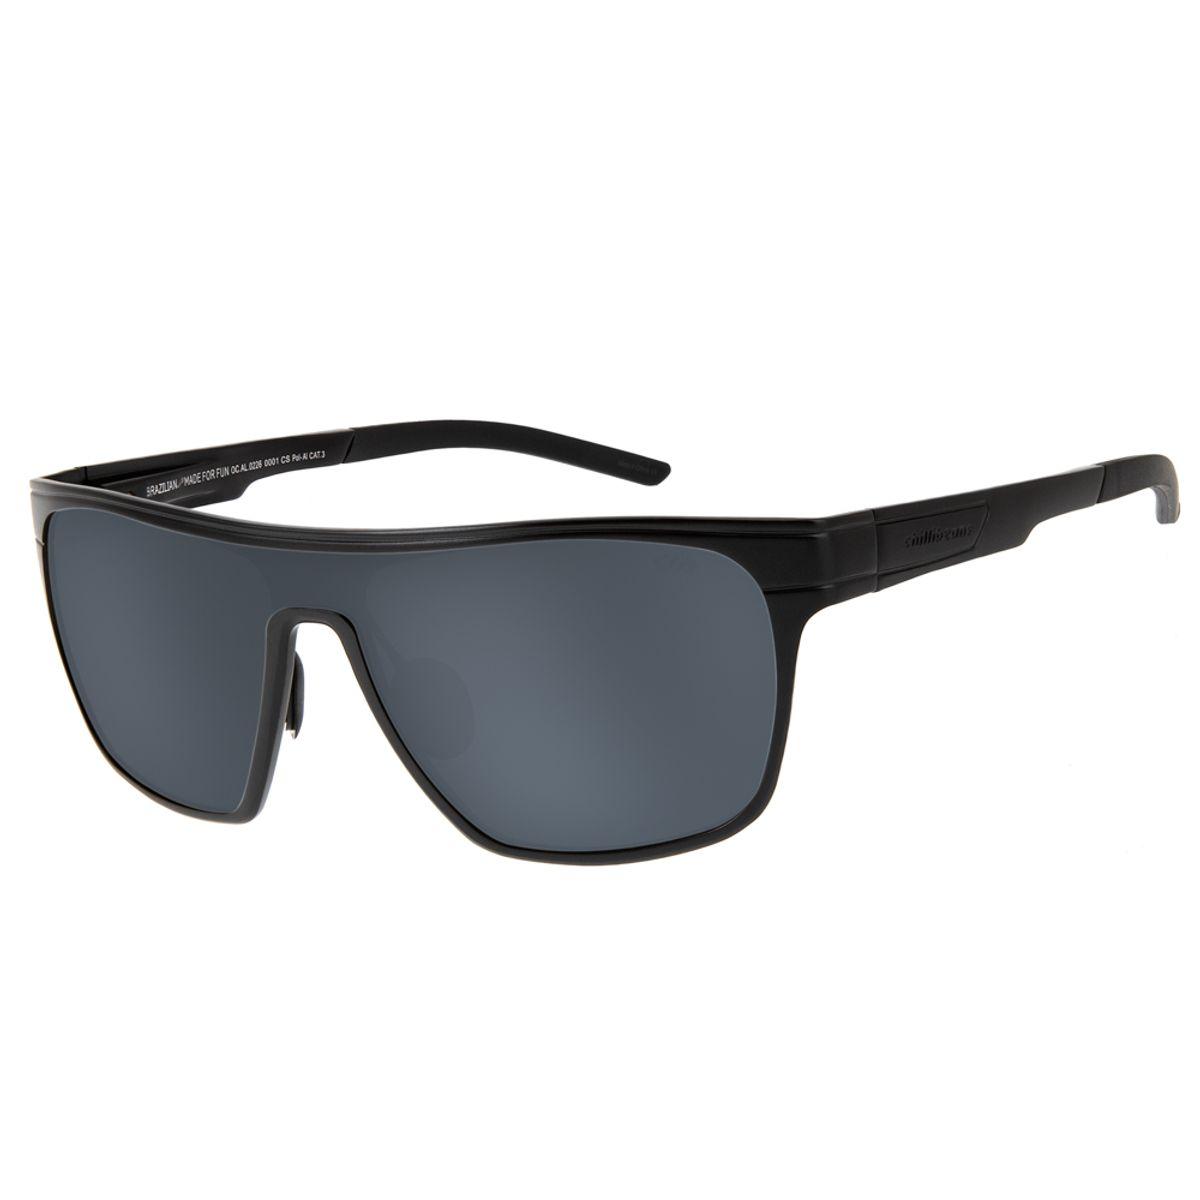 1b038e91f Óculos de Sol Esportivo Masculino Chilli Beans Polarizado Preto -  OC.AL.0226.0001 M. REF: OC.AL.0226.0001. OC.